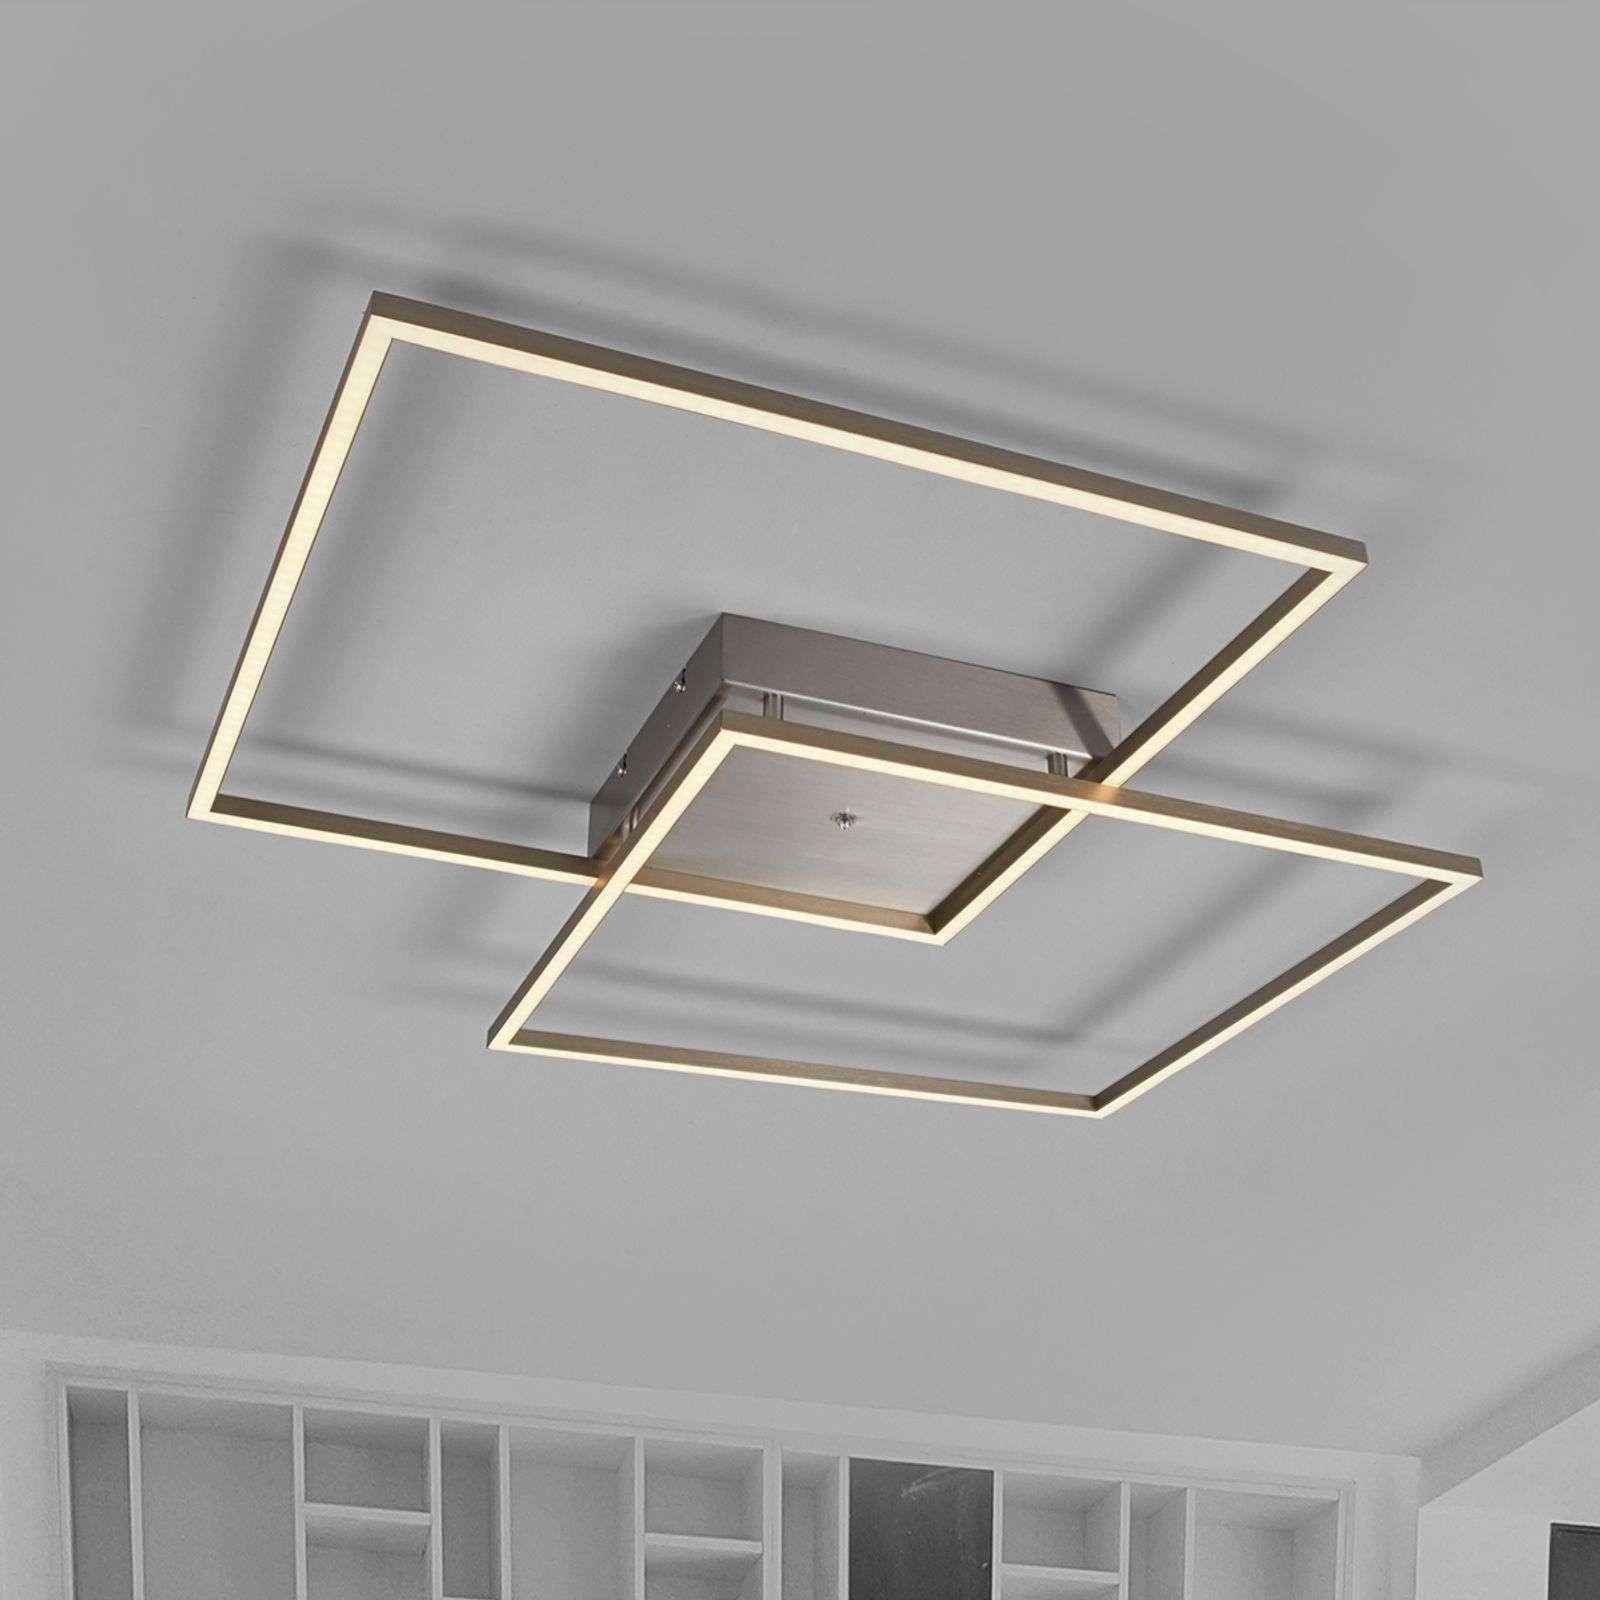 Lampenwelt.com Plafonnier LED lumineux Mirac - LAMPENWELT.com